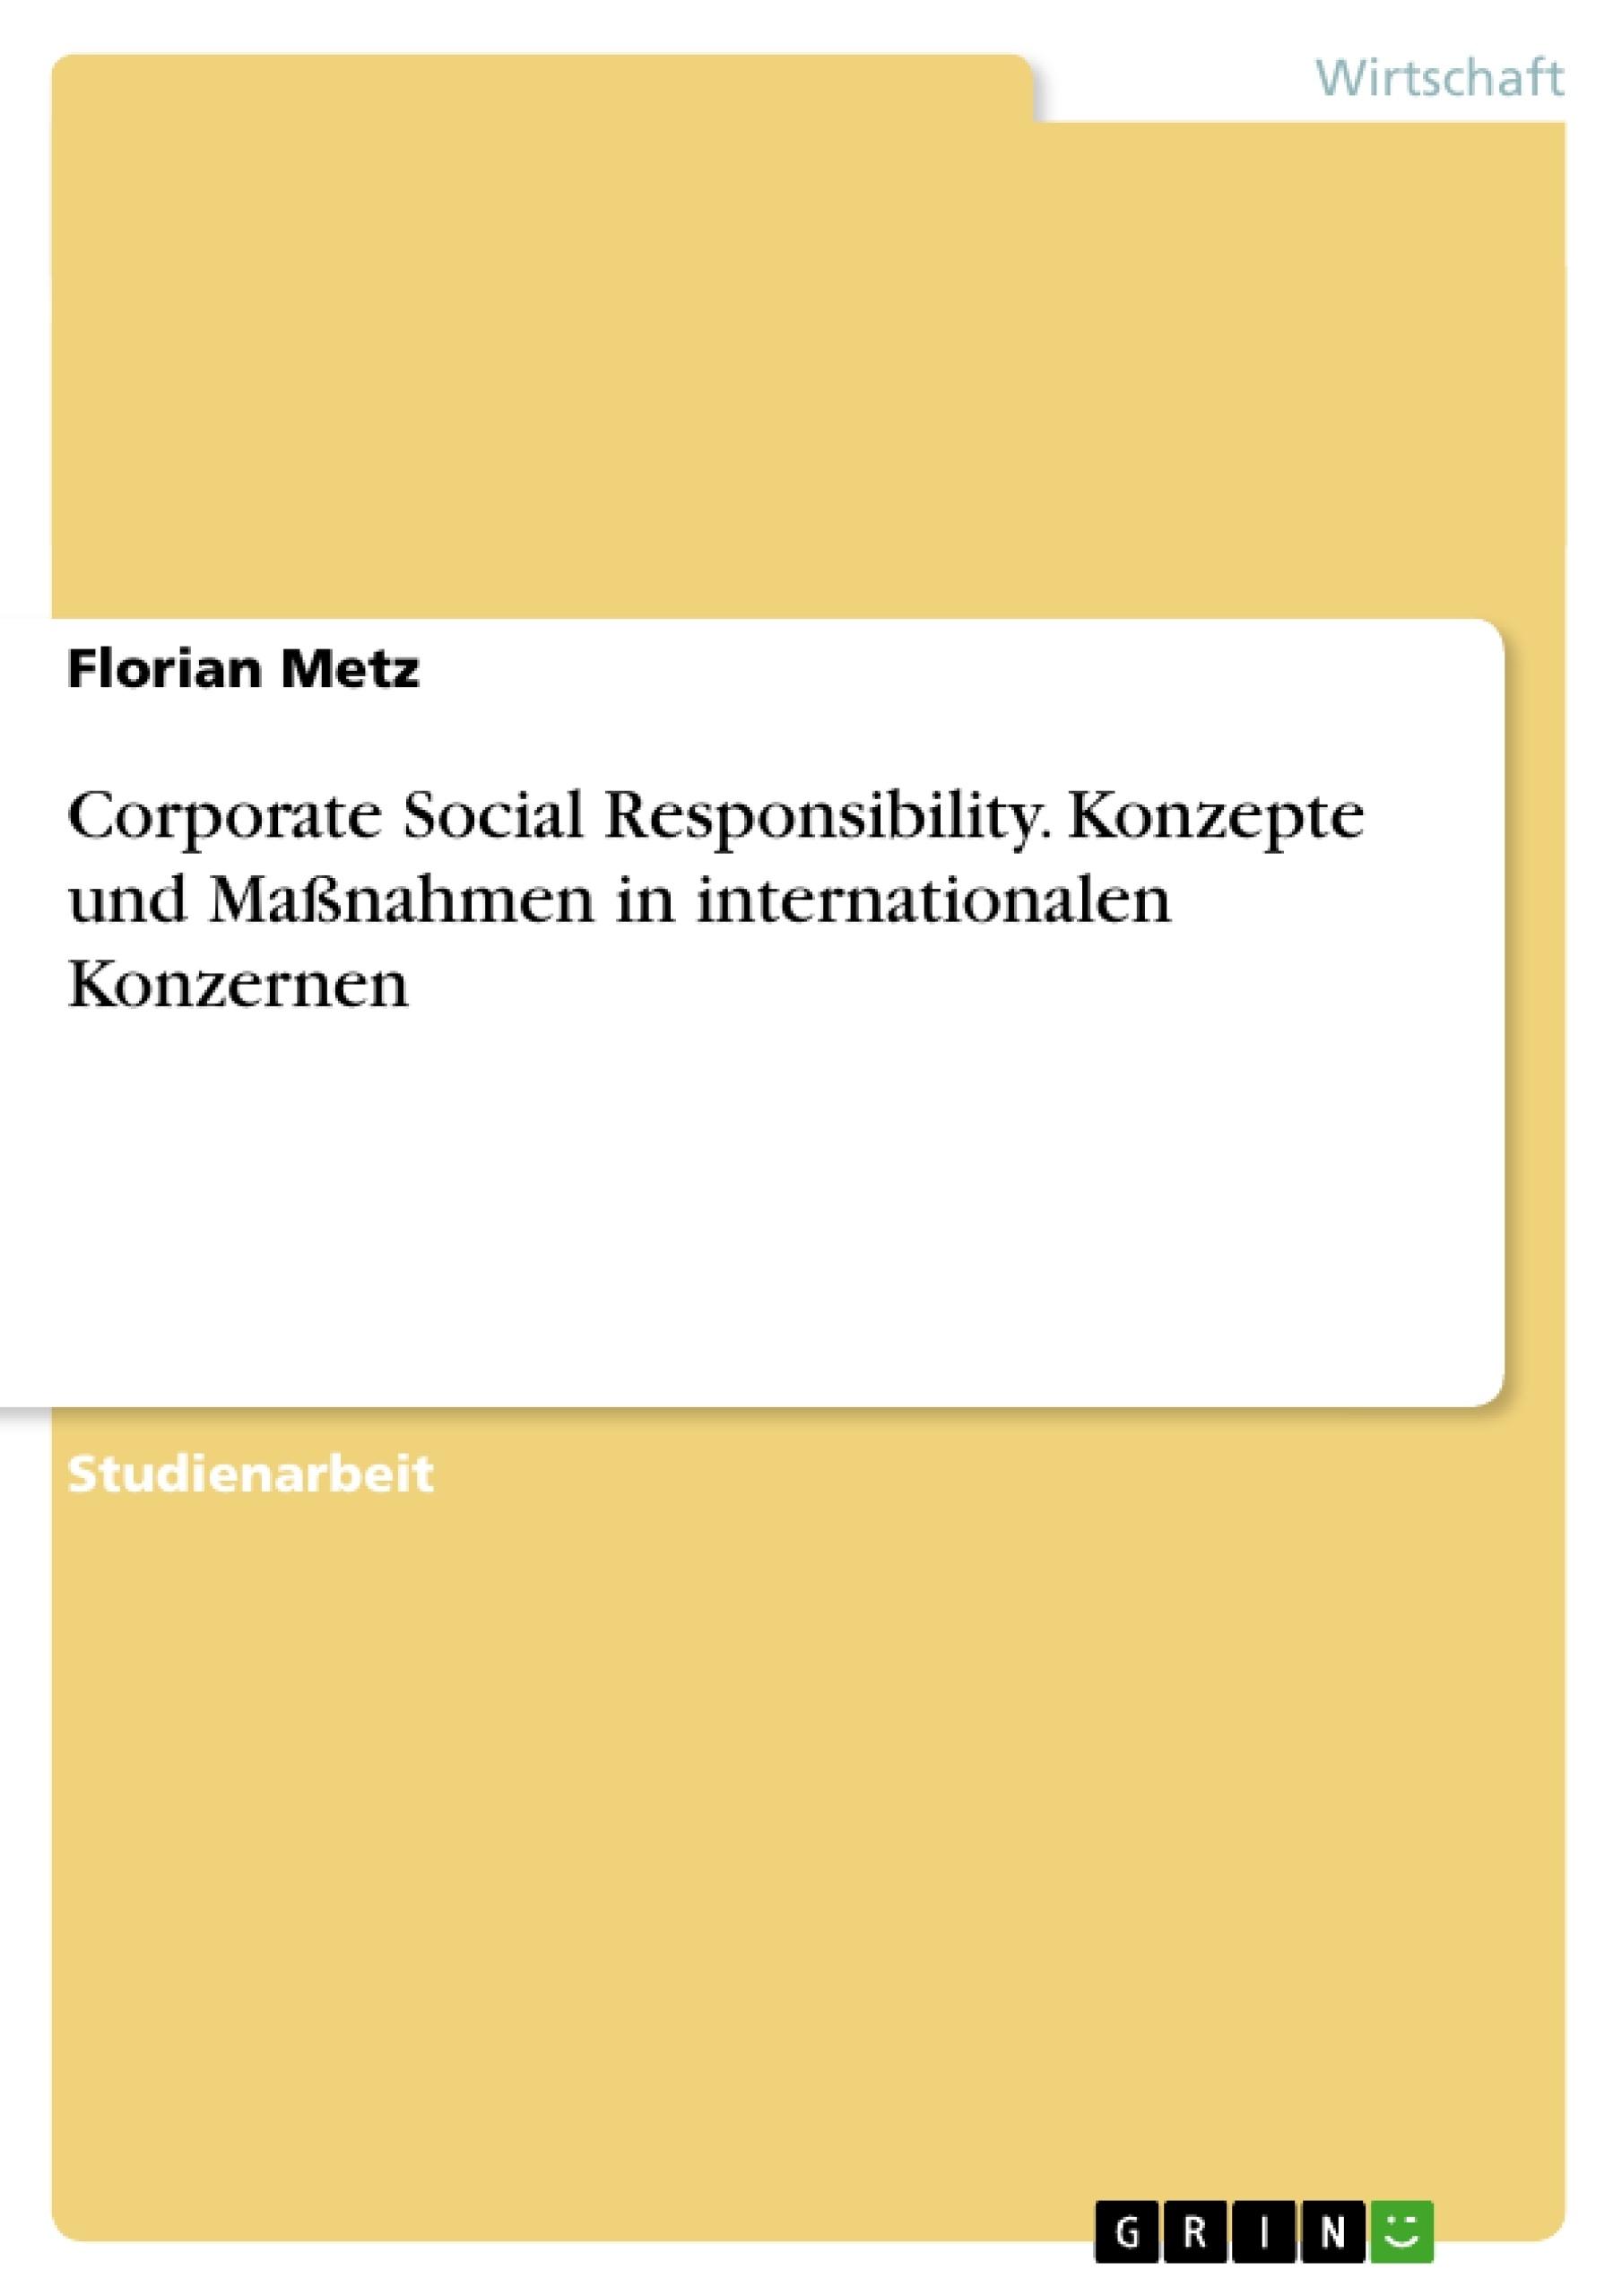 Titel: Corporate Social Responsibility. Konzepte und Maßnahmen in internationalen Konzernen